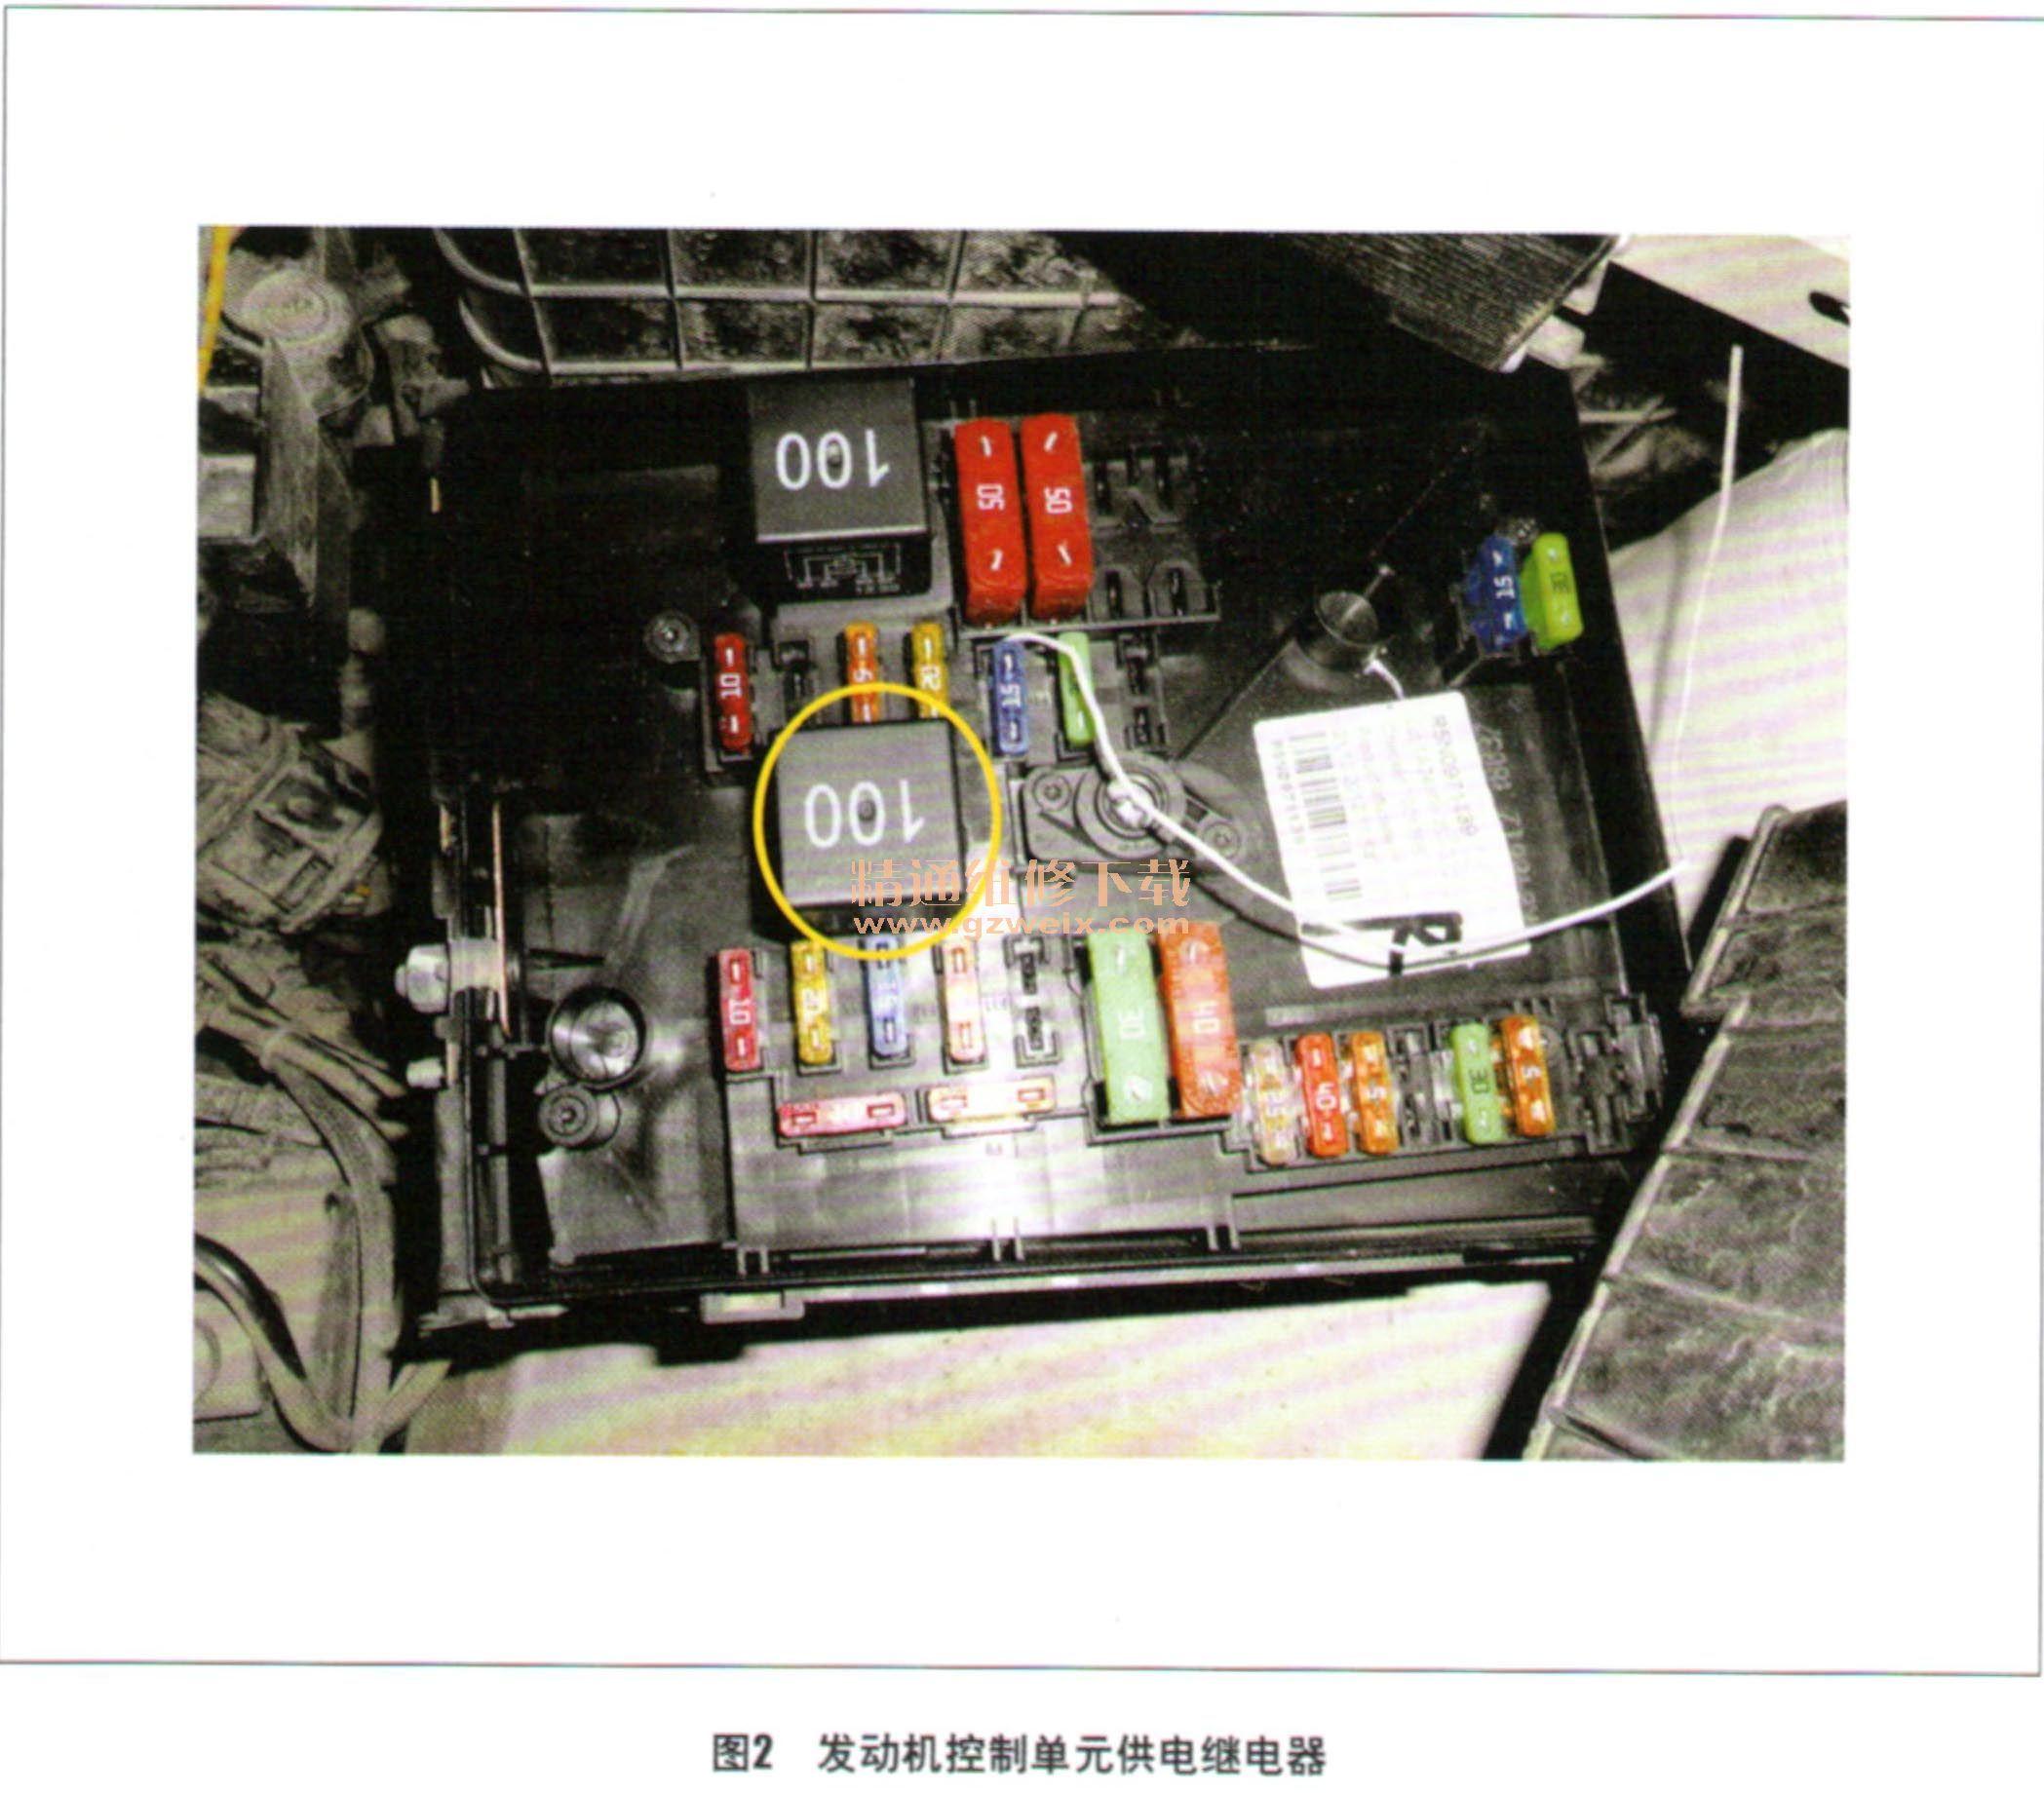 一辆行驶里程约3.5万km,装配CEA1.8TSI发动机,搭载09M6档手自一体自动变速器的2011年大众途观。用户反映:该车发动机不能启动。 检查分析:接通点火开关,发现组合仪表上的指示灯都正常亮起,这表明总线端15供电继电器正常,15号线已接通。尝试起动发动机发现起动机正常运转,但是发动机没有任何起动征兆,故障确实存在。 接下来使用车辆诊断仪VAS6150B检查网关安装列表的故障,发现数据总线诊断接口(网关)、发动机电控系统、变速箱电控系统、制动器电控系统、停车制动器、助力转向系统、全轮驱动电控系统、